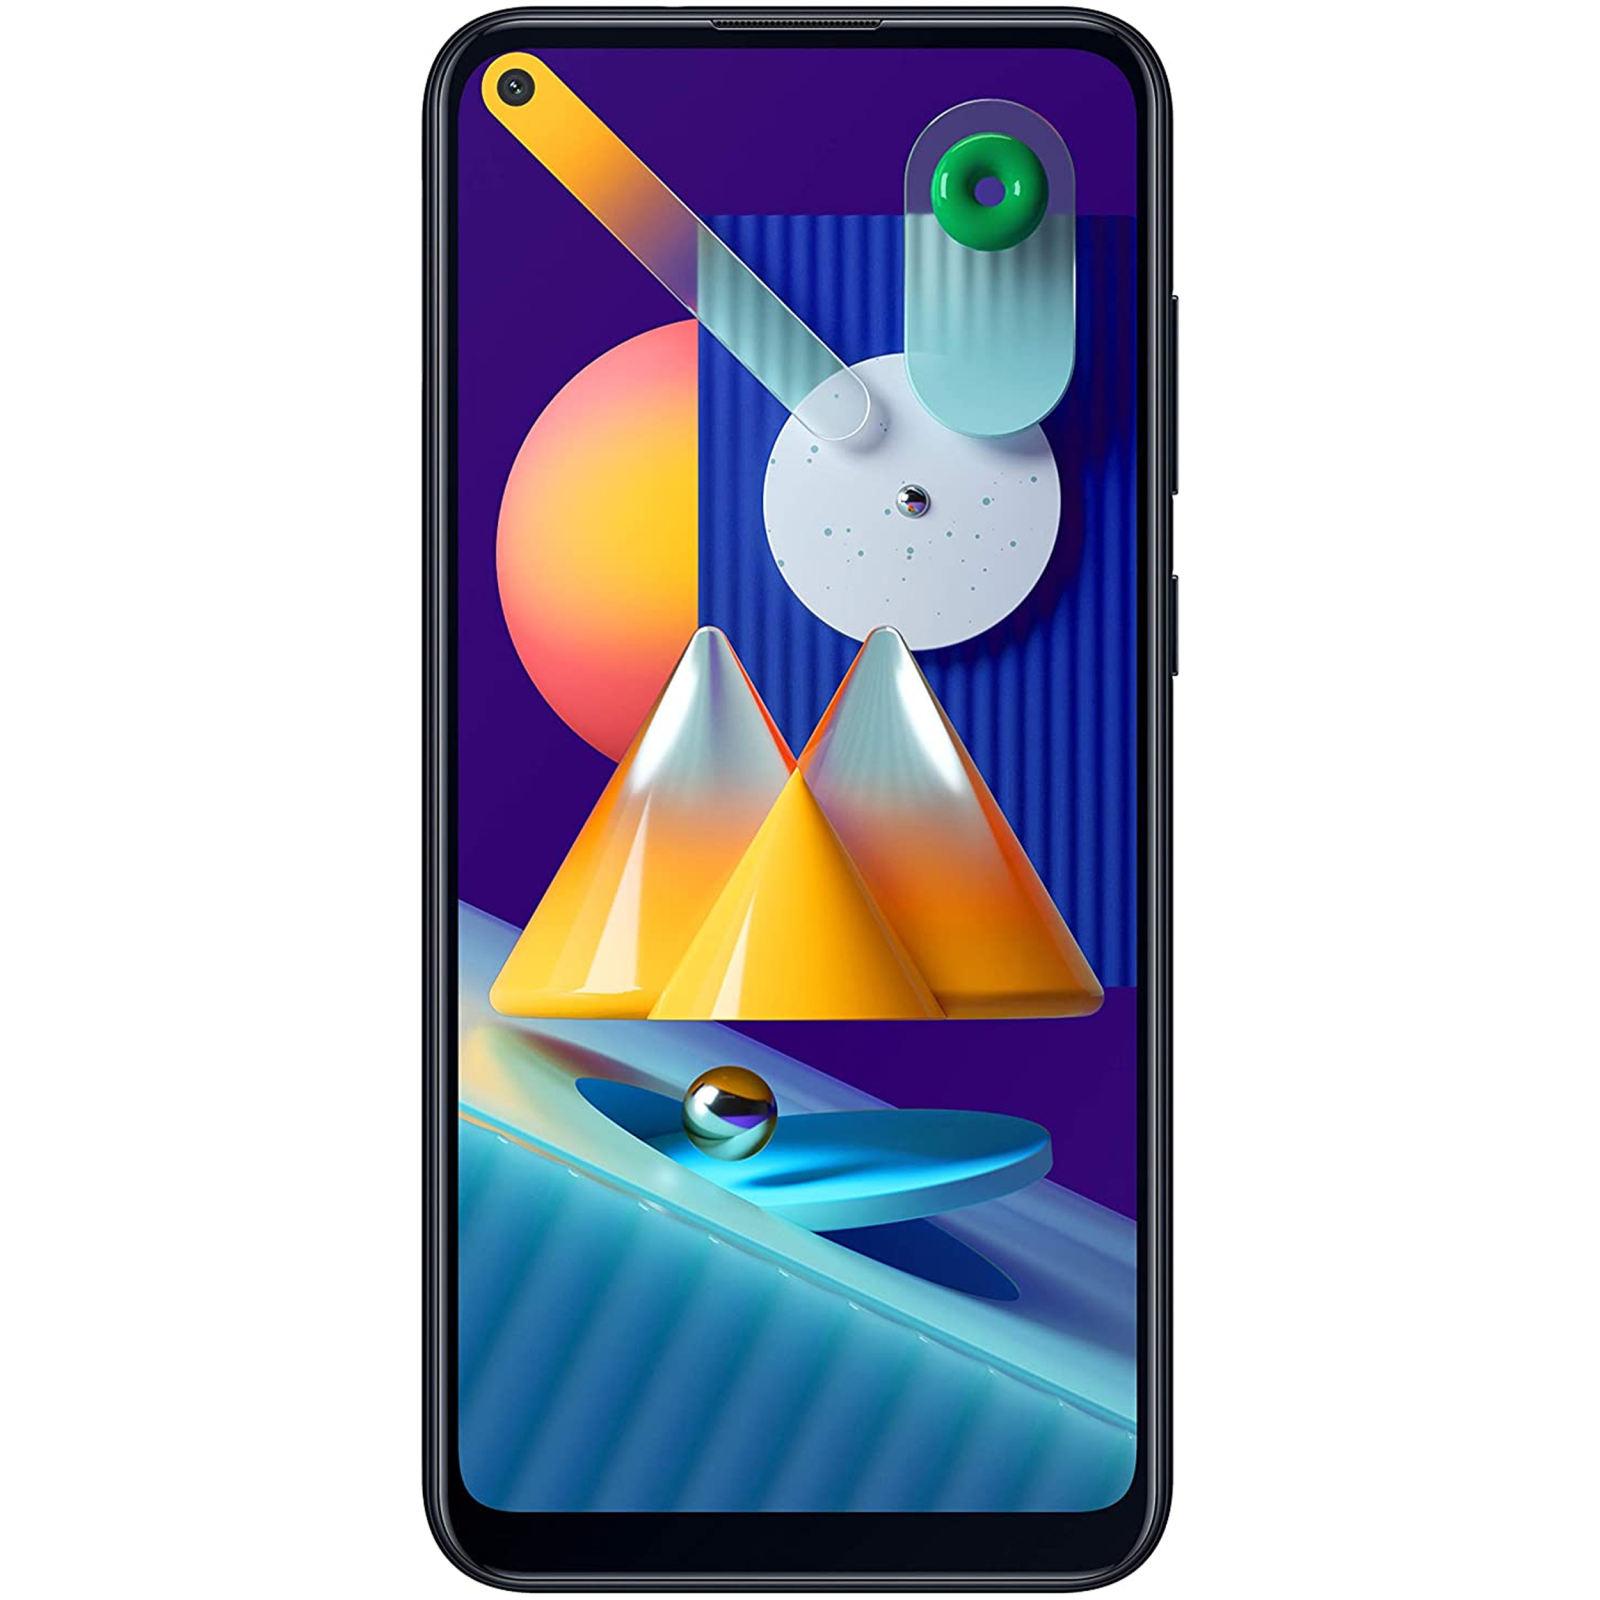 گوشی موبایل سامسونگ مدل Galaxy M11 دو سیم کارت 32 گیگابایت